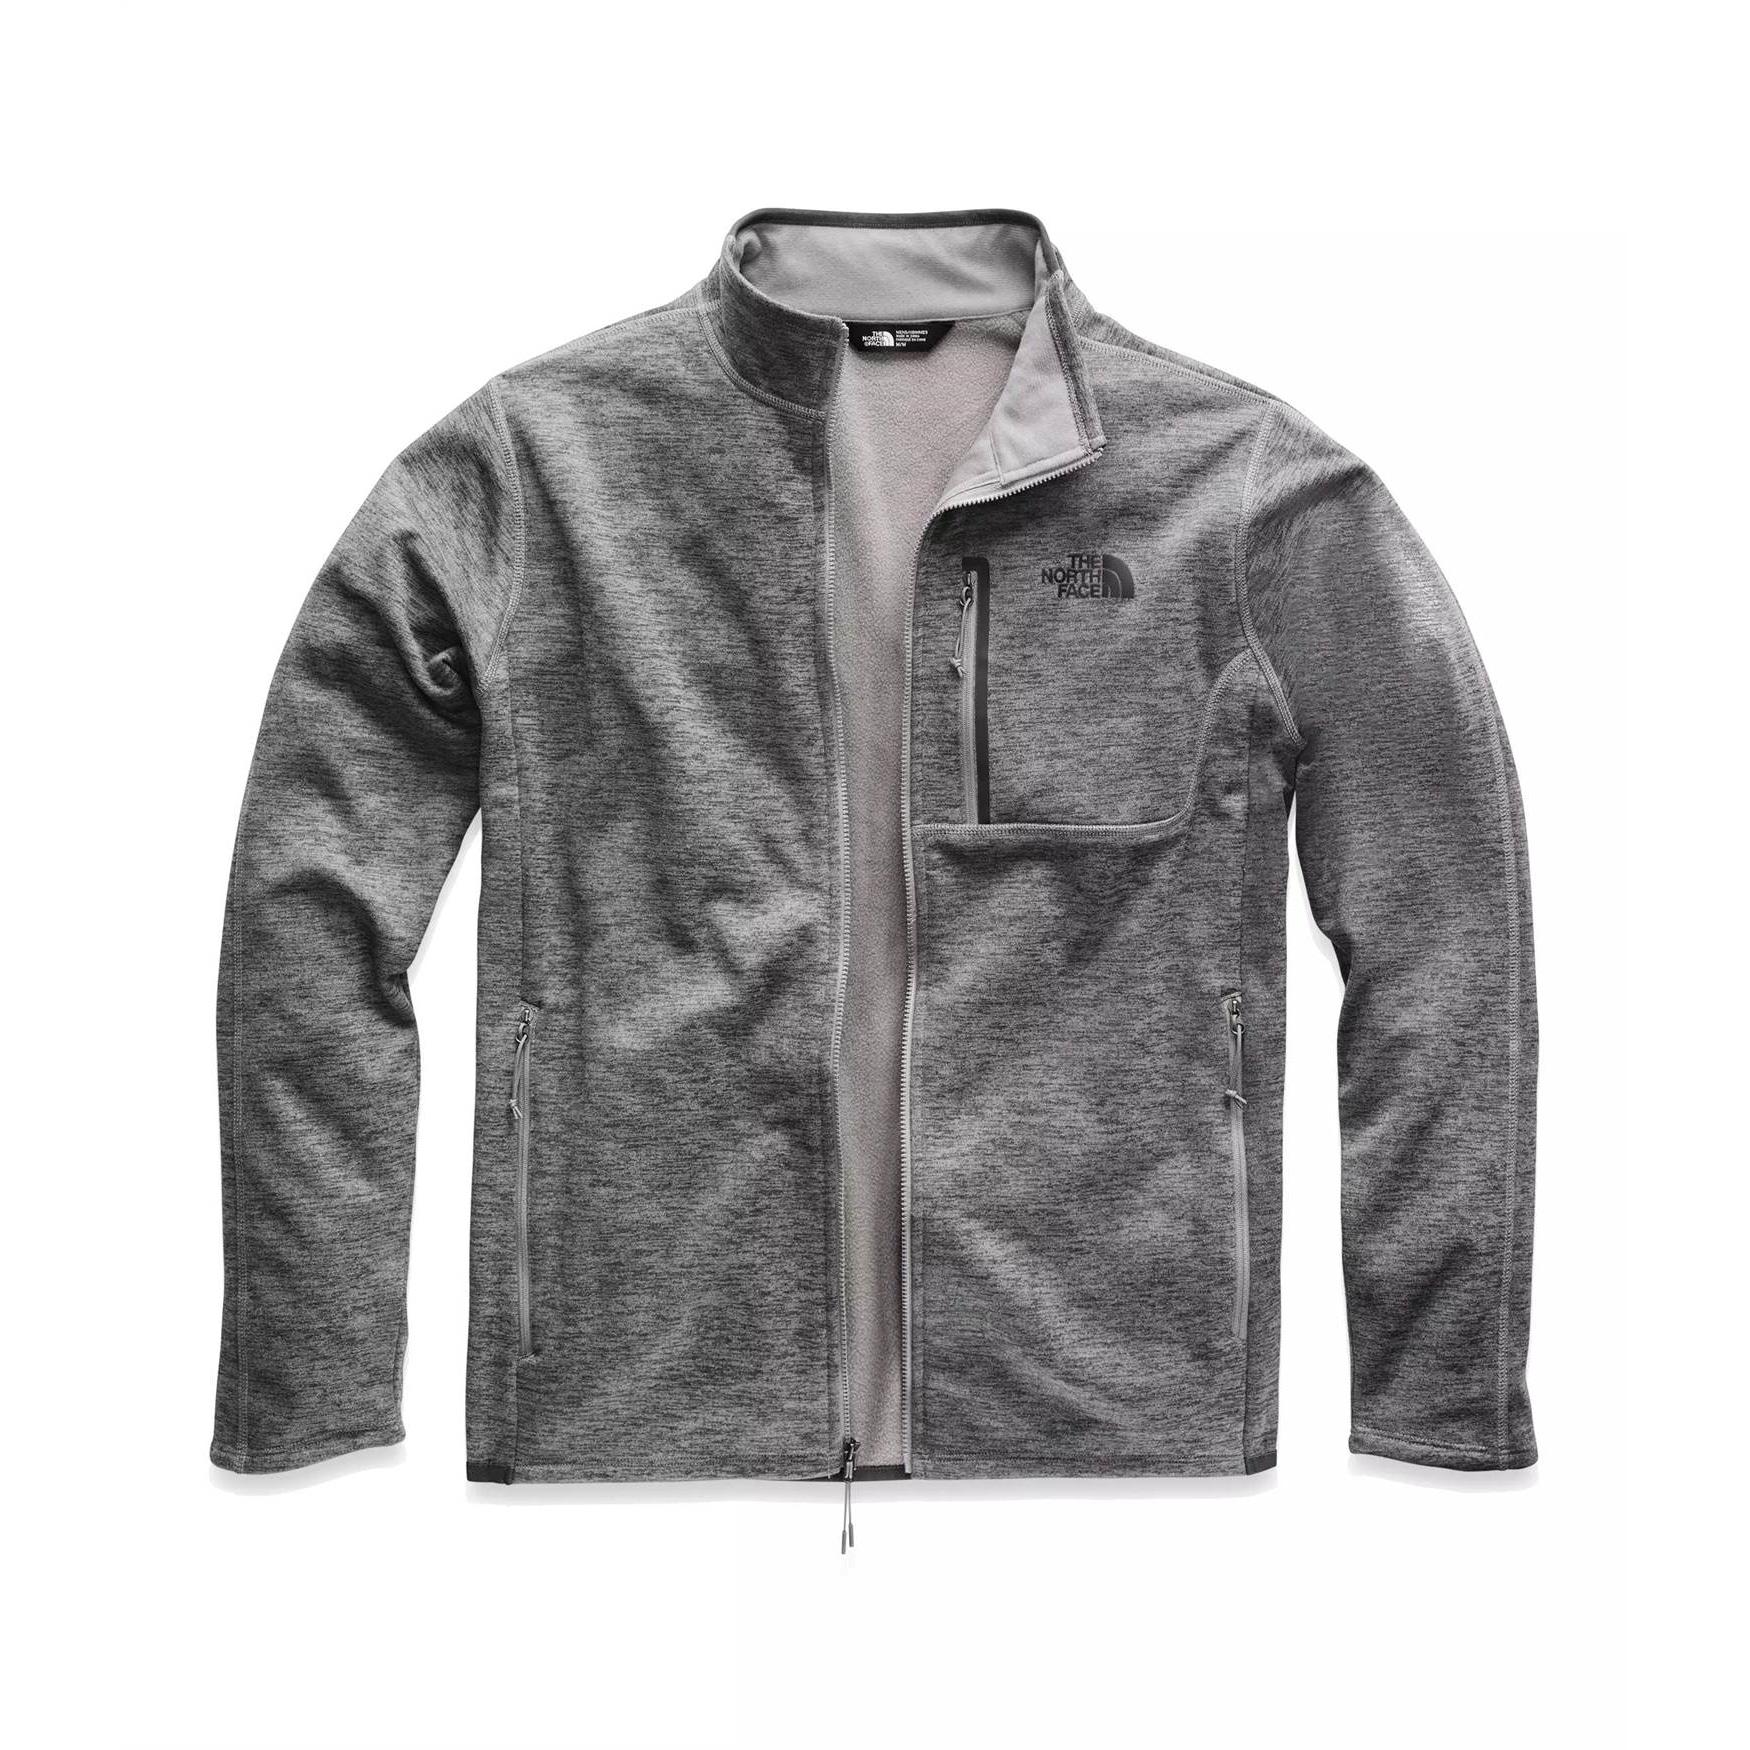 Canyonlands Full Zip Jacket - Men's